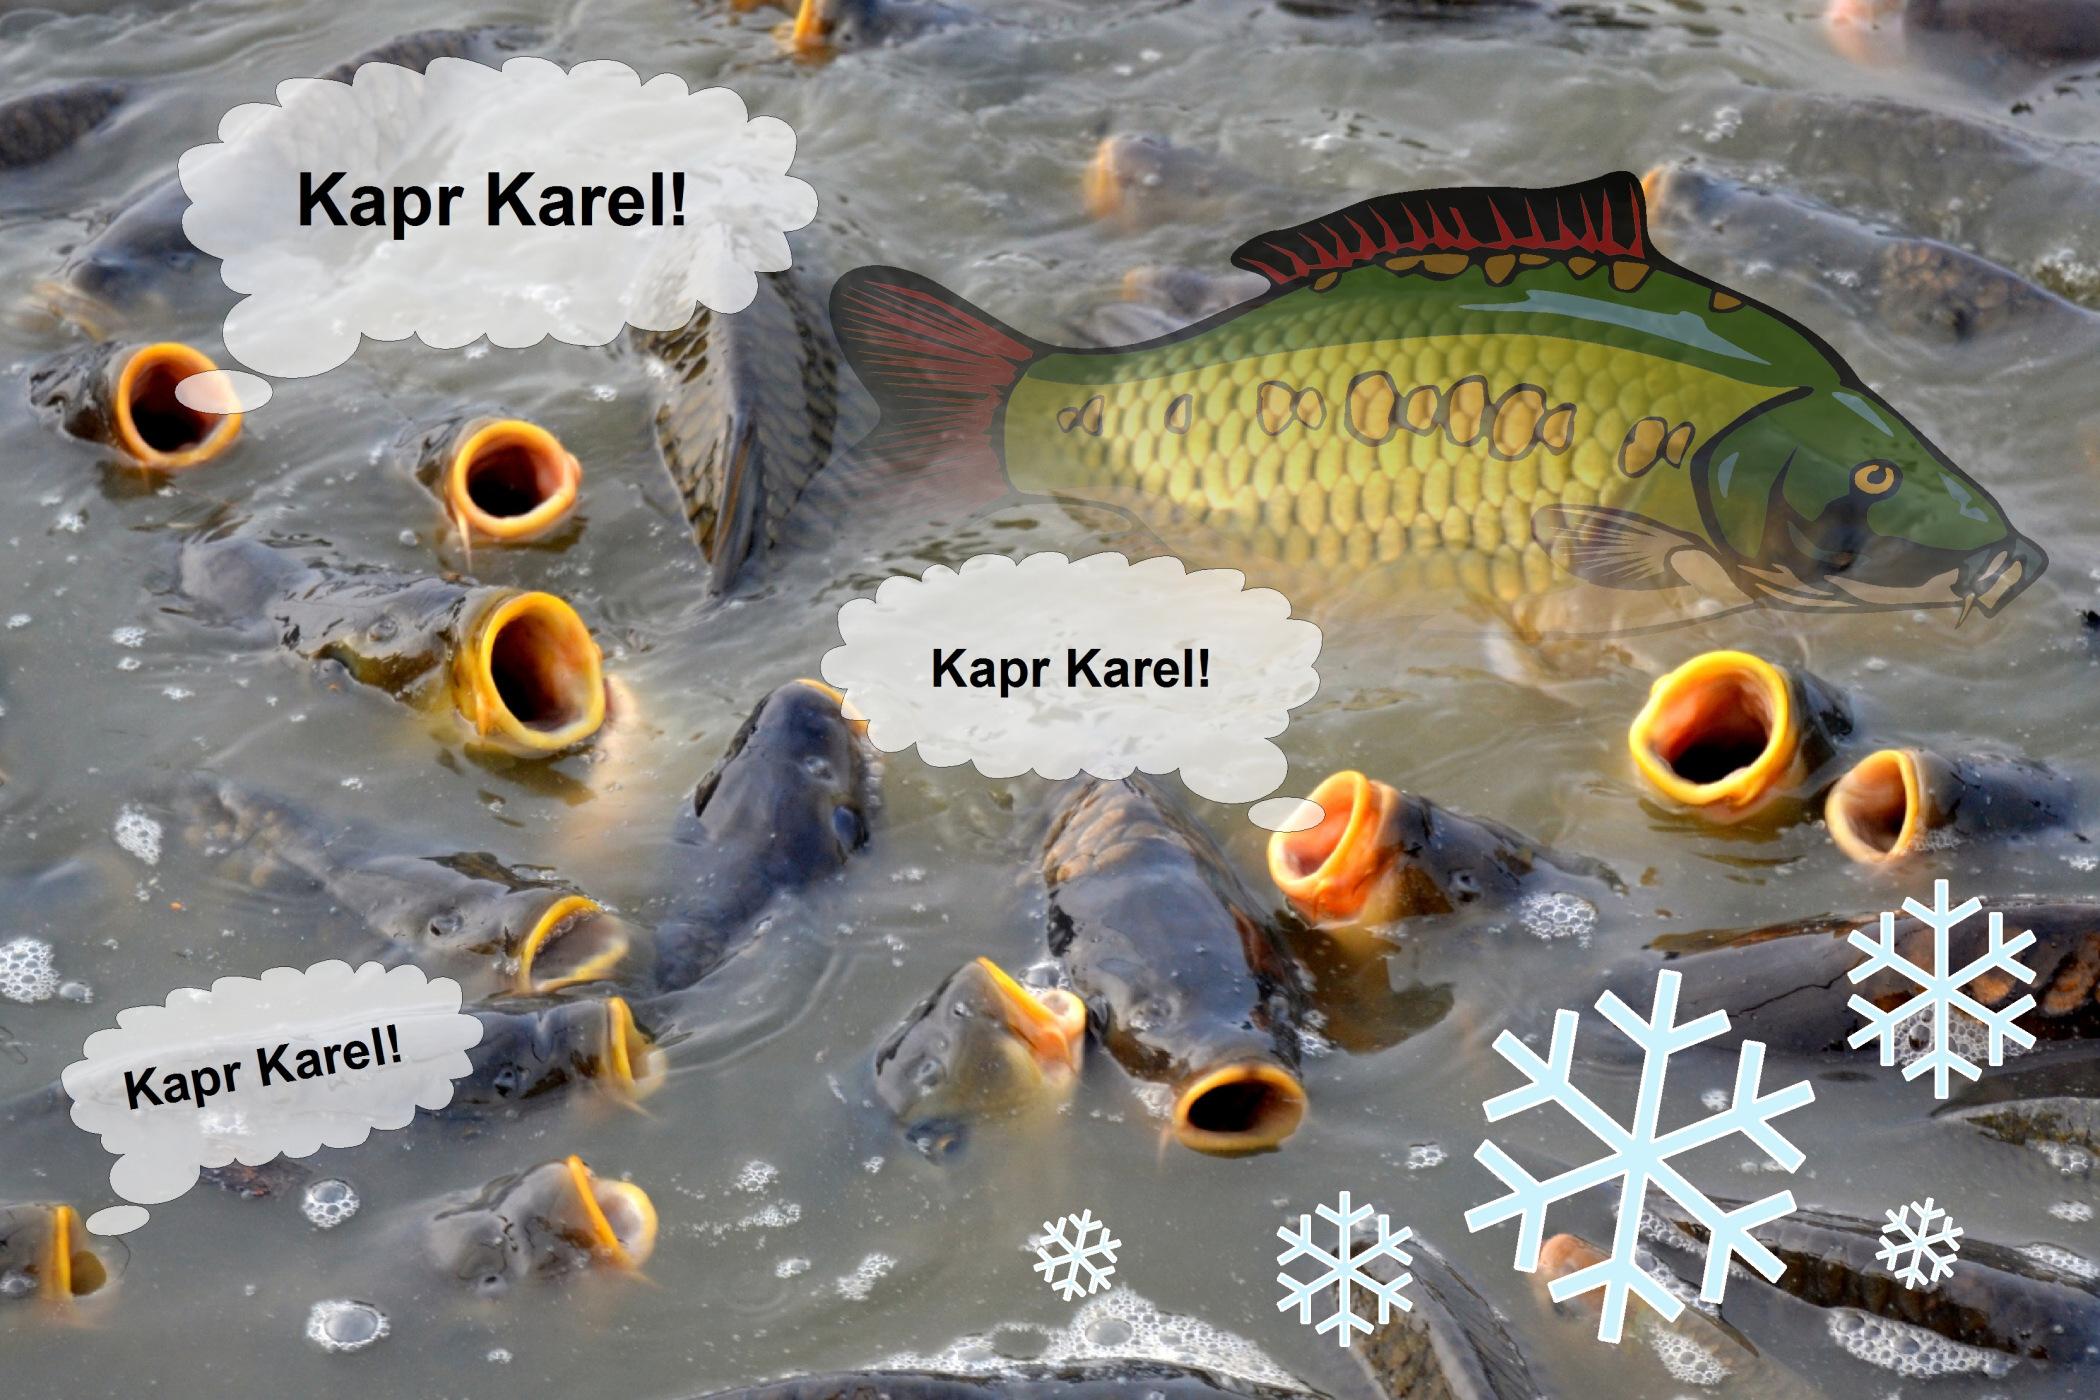 Kapr Karel 2014 - soutěž o vánočního kapra!